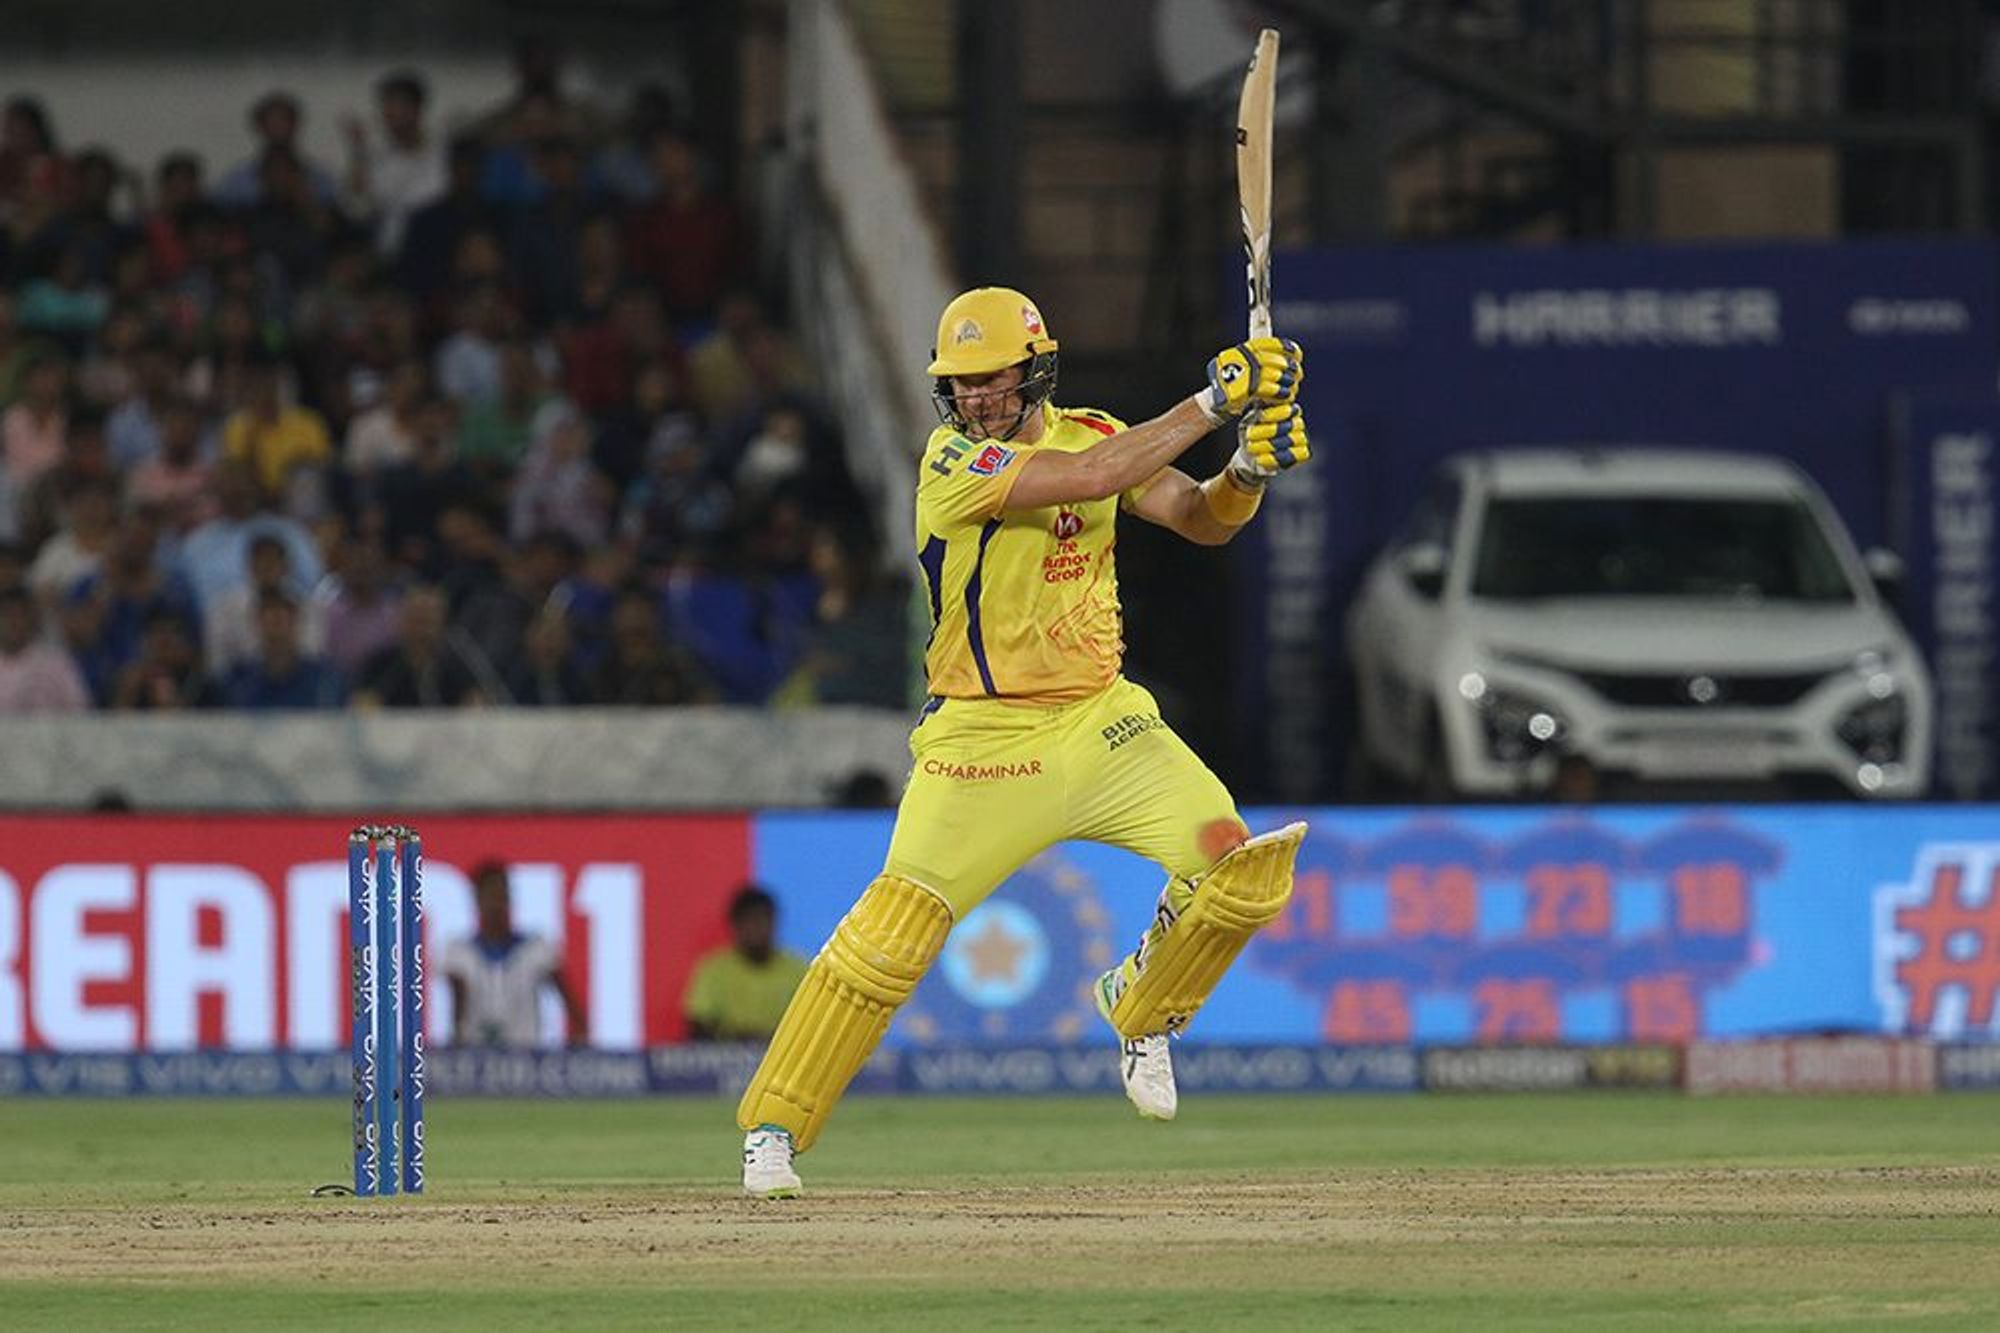 मुंबईविरुद्धच्या अंतिम सामन्यात वॉटसनने 59 चेंडूत 8 चौकार आणि 4 षटकारांच्या जोरावर 80 धावांची खेळी केली. वॉटसनने चेन्नईला जवळ जवळ चौथ्ये विजेतेपद मिळवून दिले होते. पण 20व्या षटकातील चौथ्या चेंडूवर तो धावबाद झाला. दोन रन घेण्याच्या प्रयत्नात तो पळाला पण क्रीझपर्यंत पोहचला नाही.